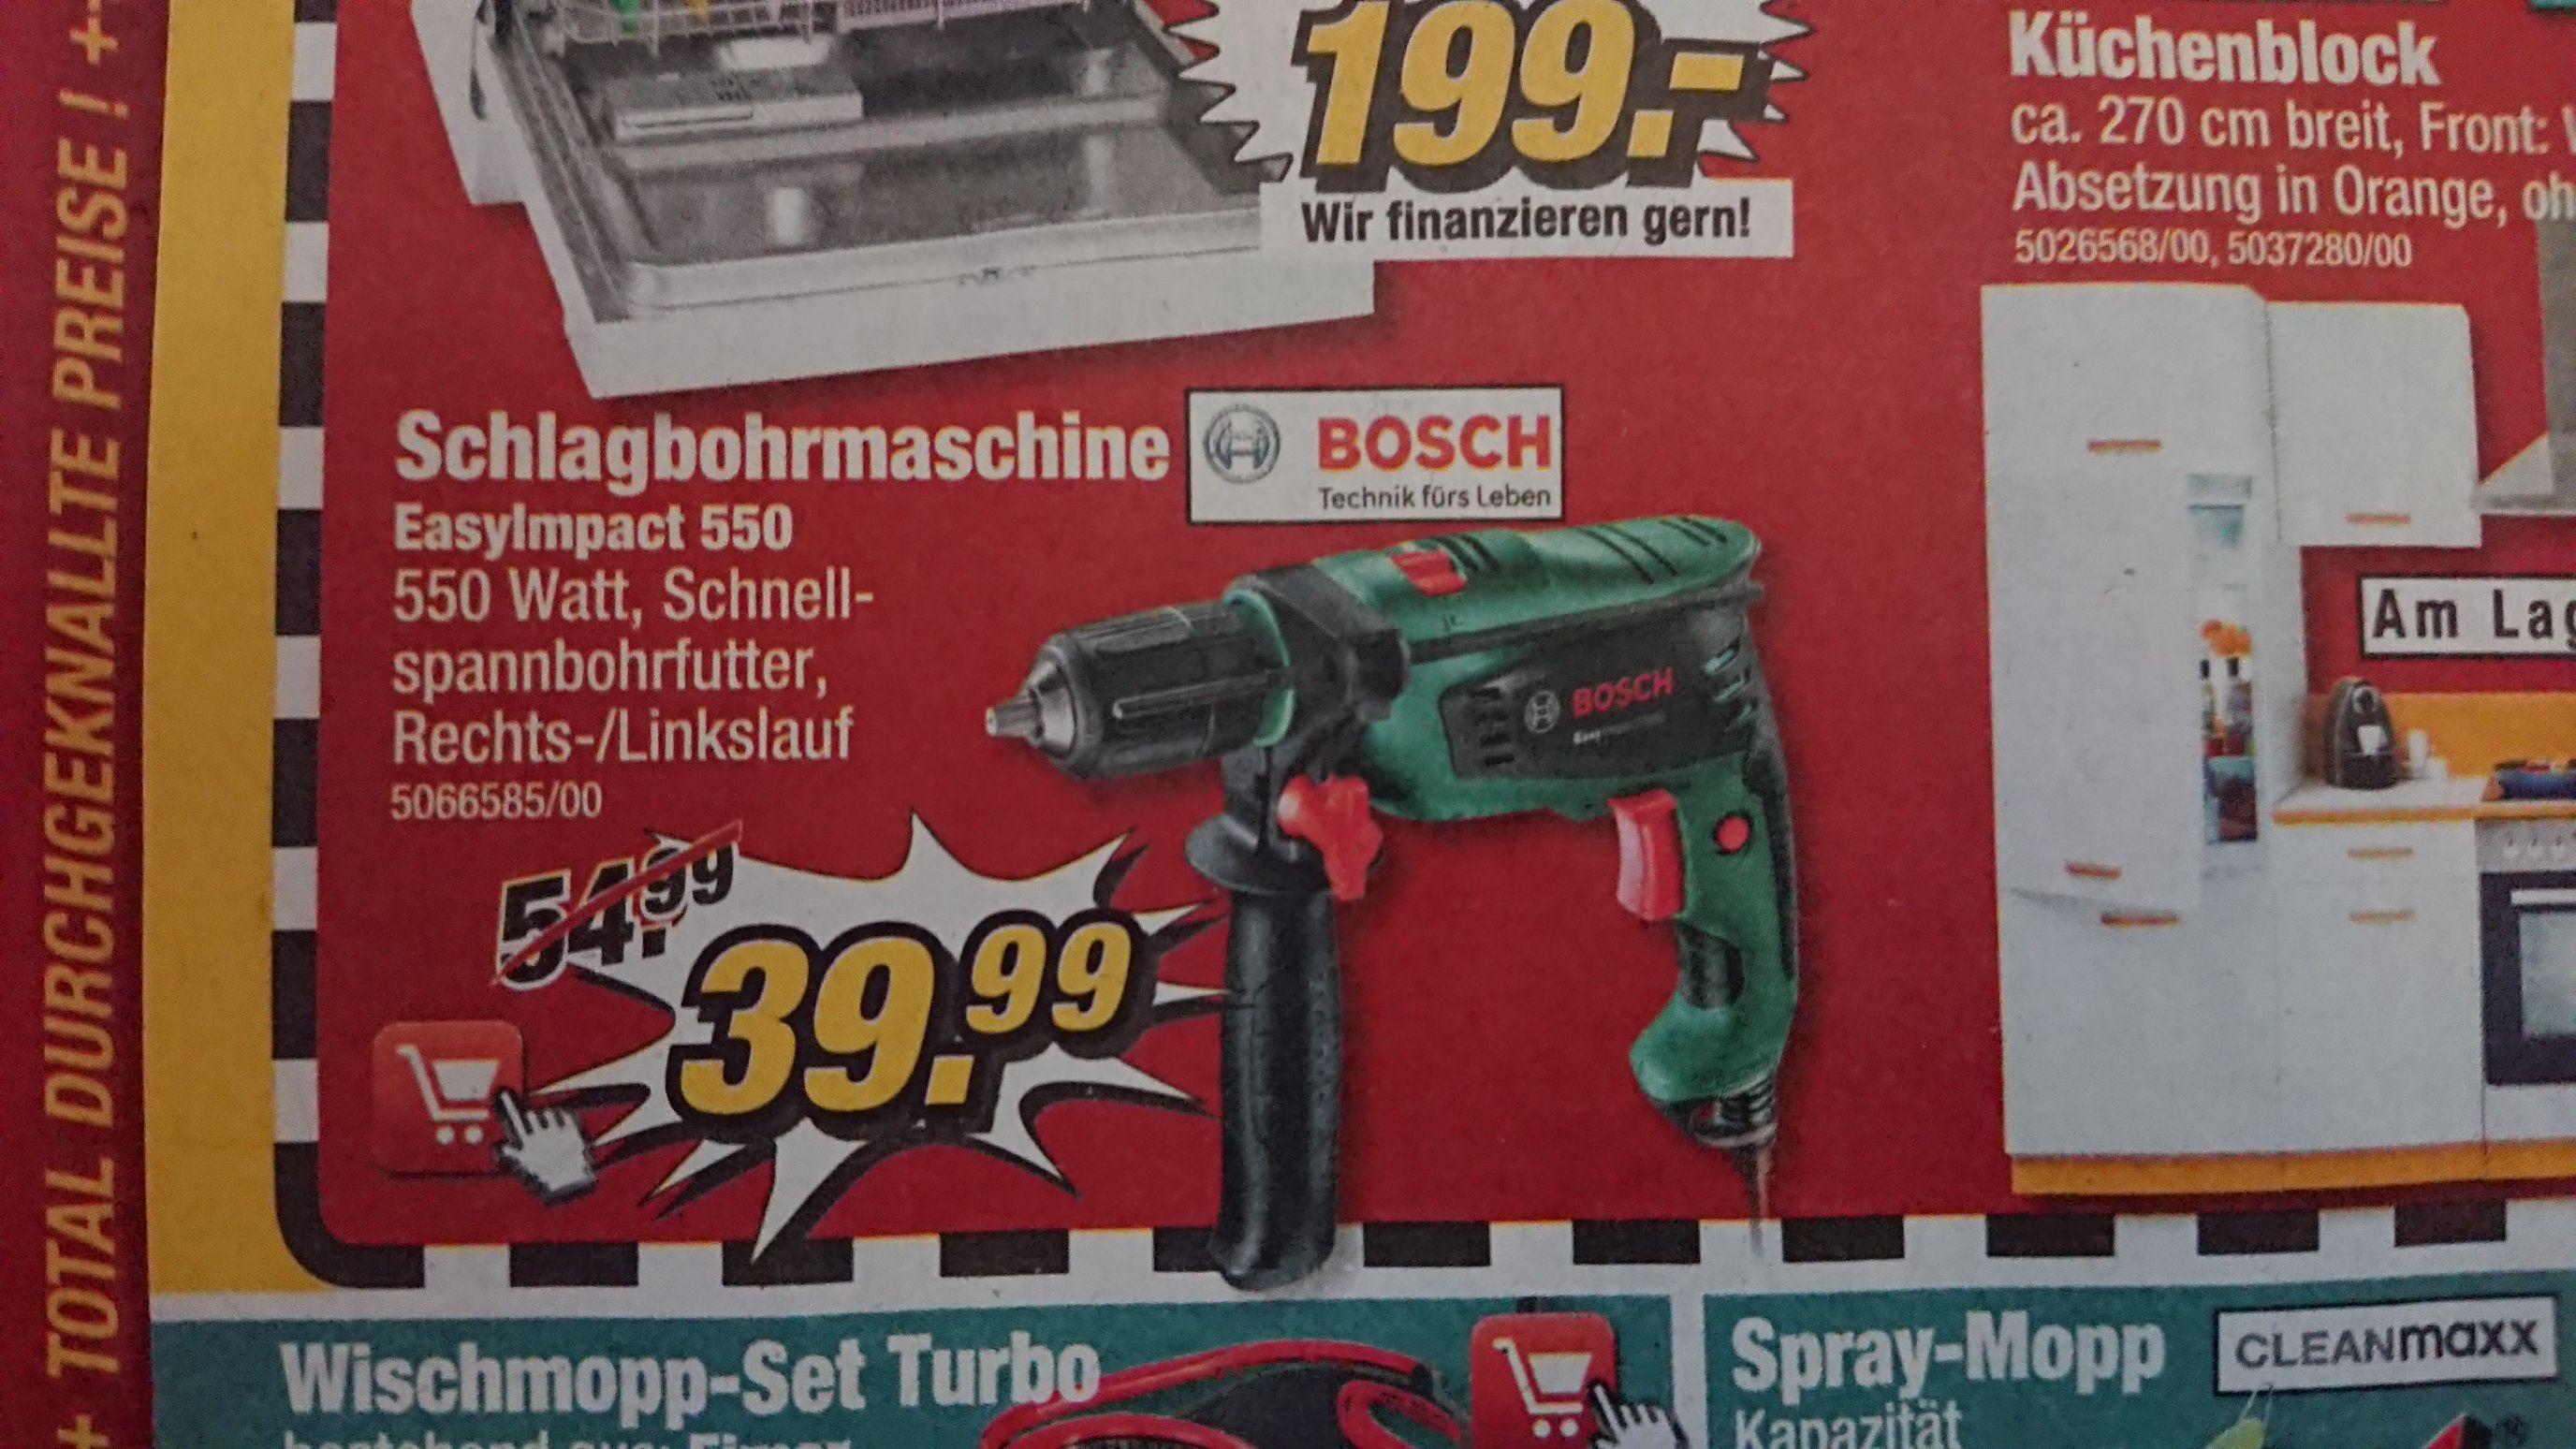 Bosch EasyImpact 550 Schlagbohrmaschine a. 16. u 17.11. [POCO]